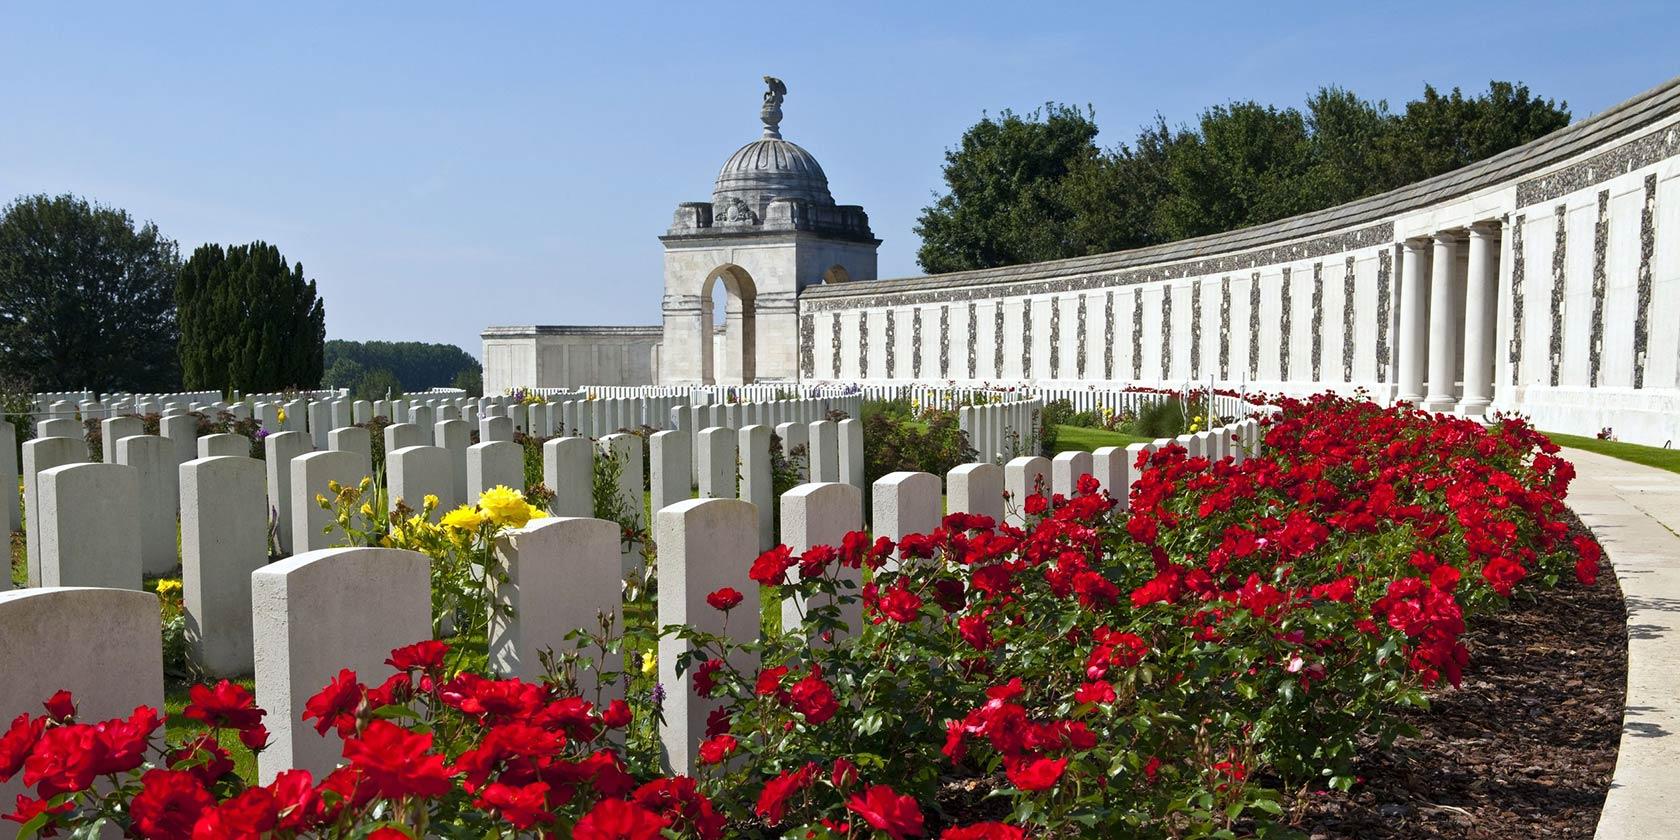 Tyne Cot Imperial War graves in flanders